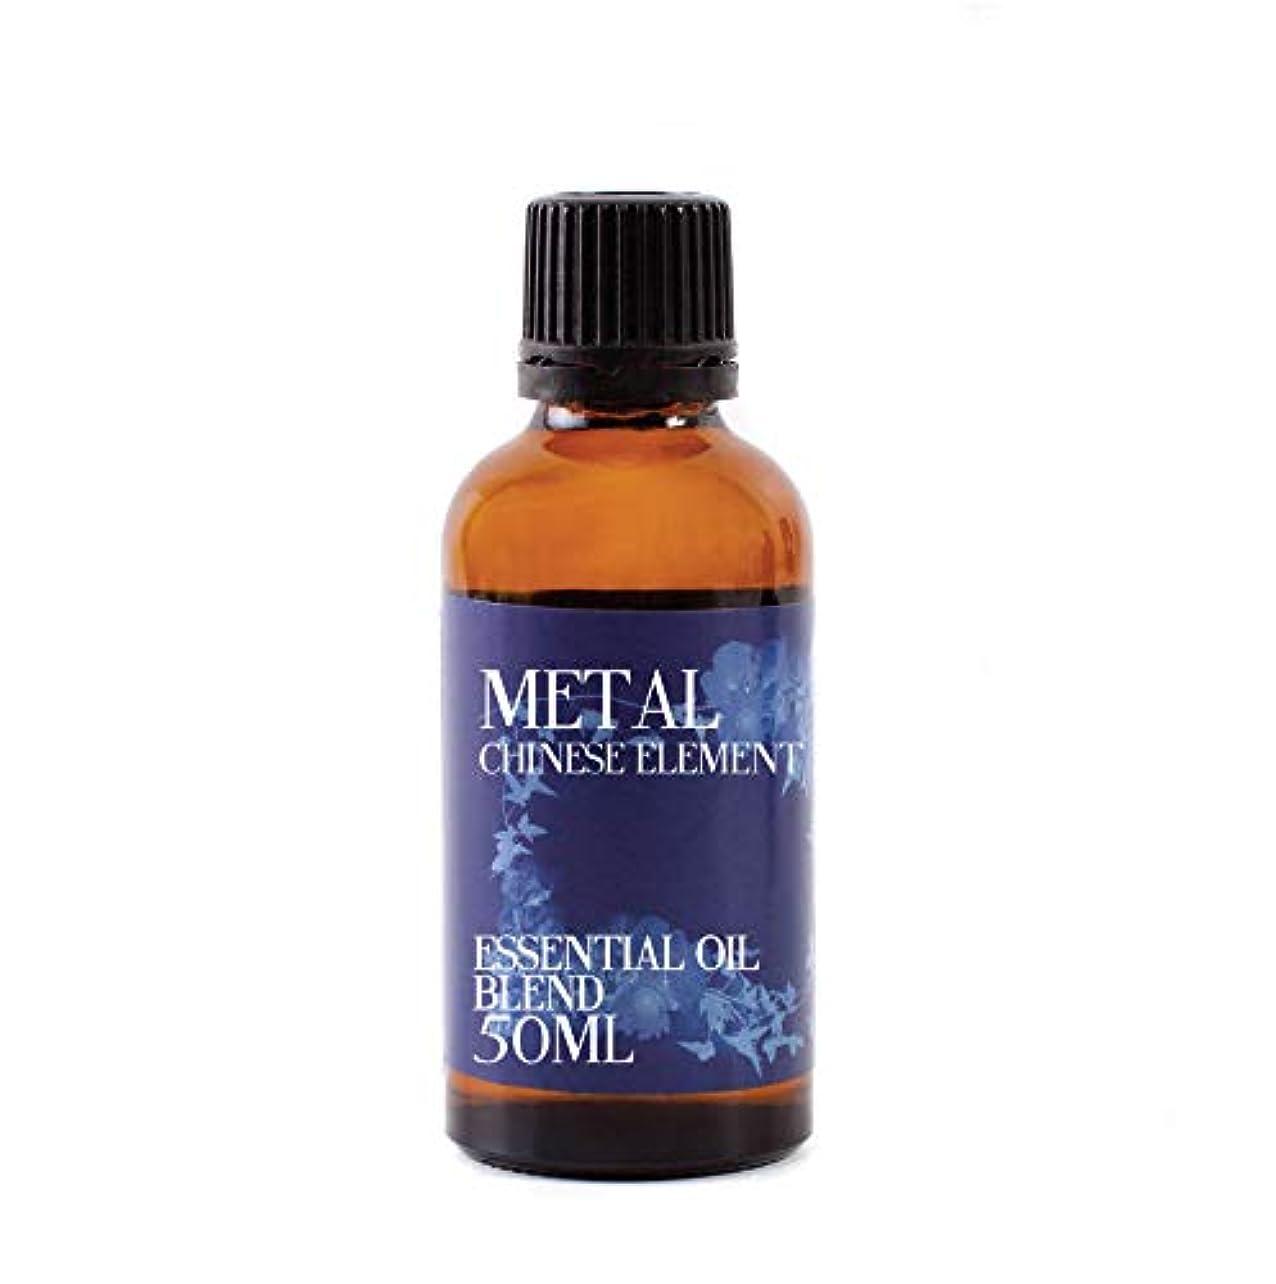 味わう狭い閉塞Mystix London   Chinese Metal Element Essential Oil Blend - 50ml